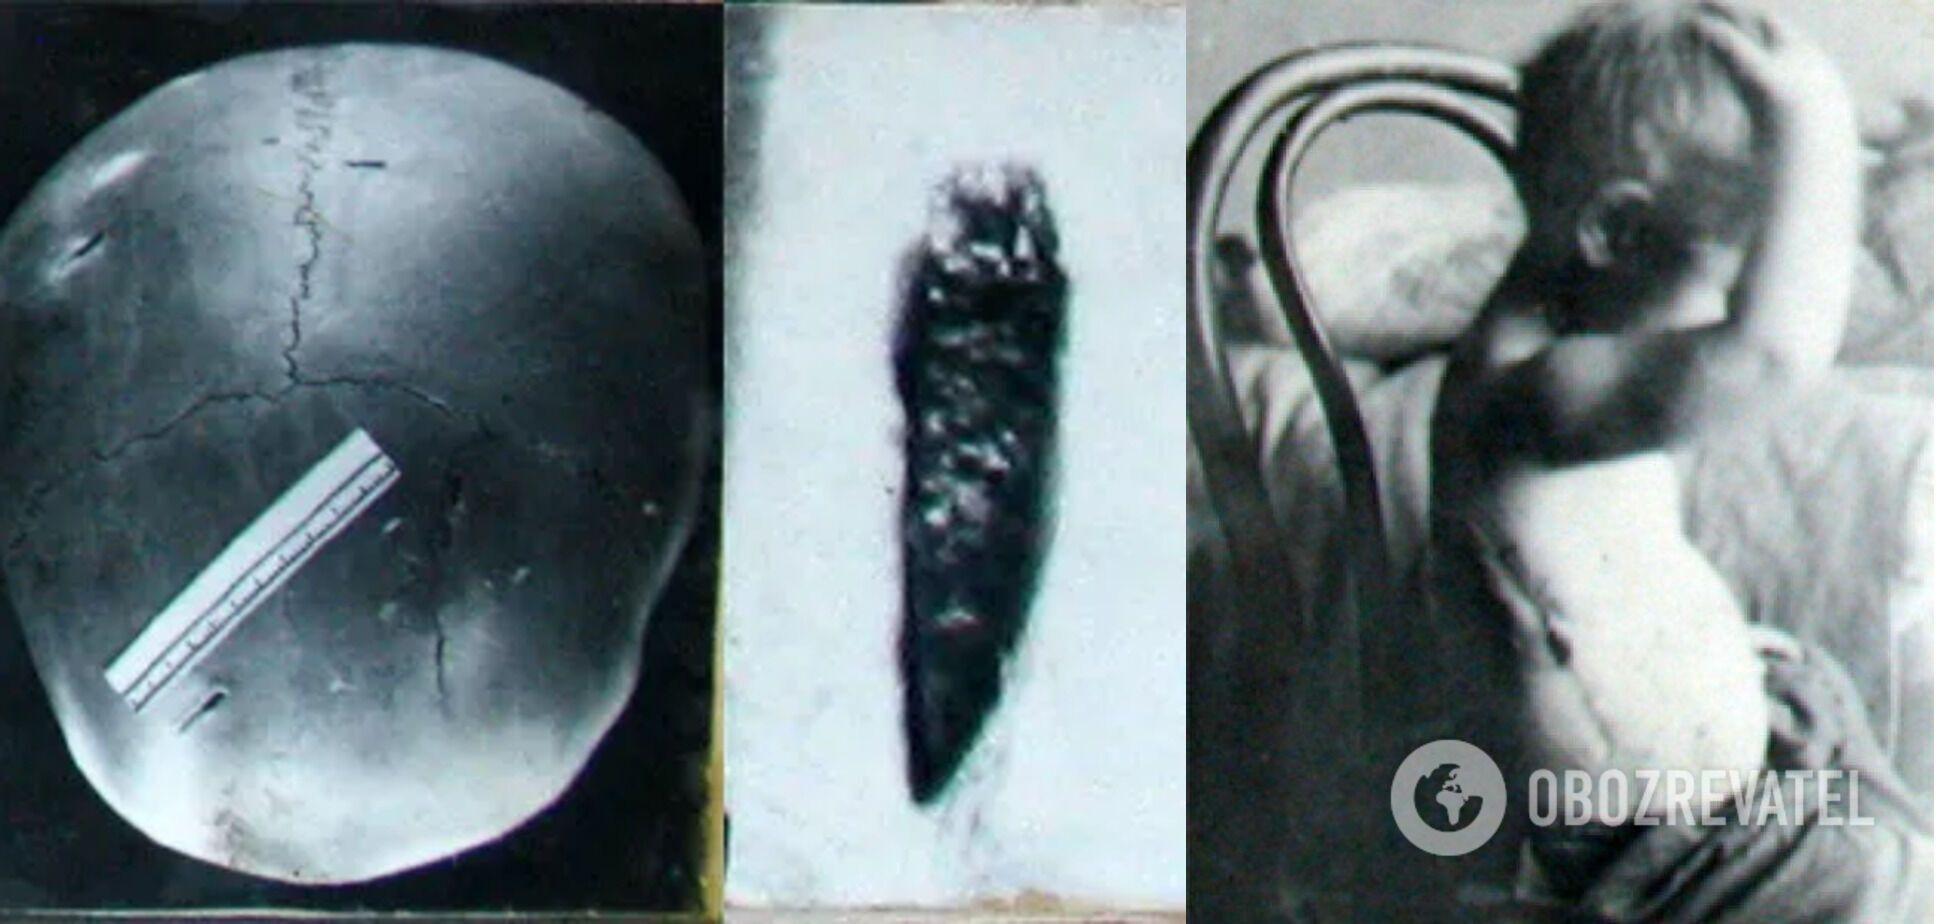 Обломок ножа в черепе первой жертвы Винничевского и последствия нападения маньяка на теле выжившей Али Губиной